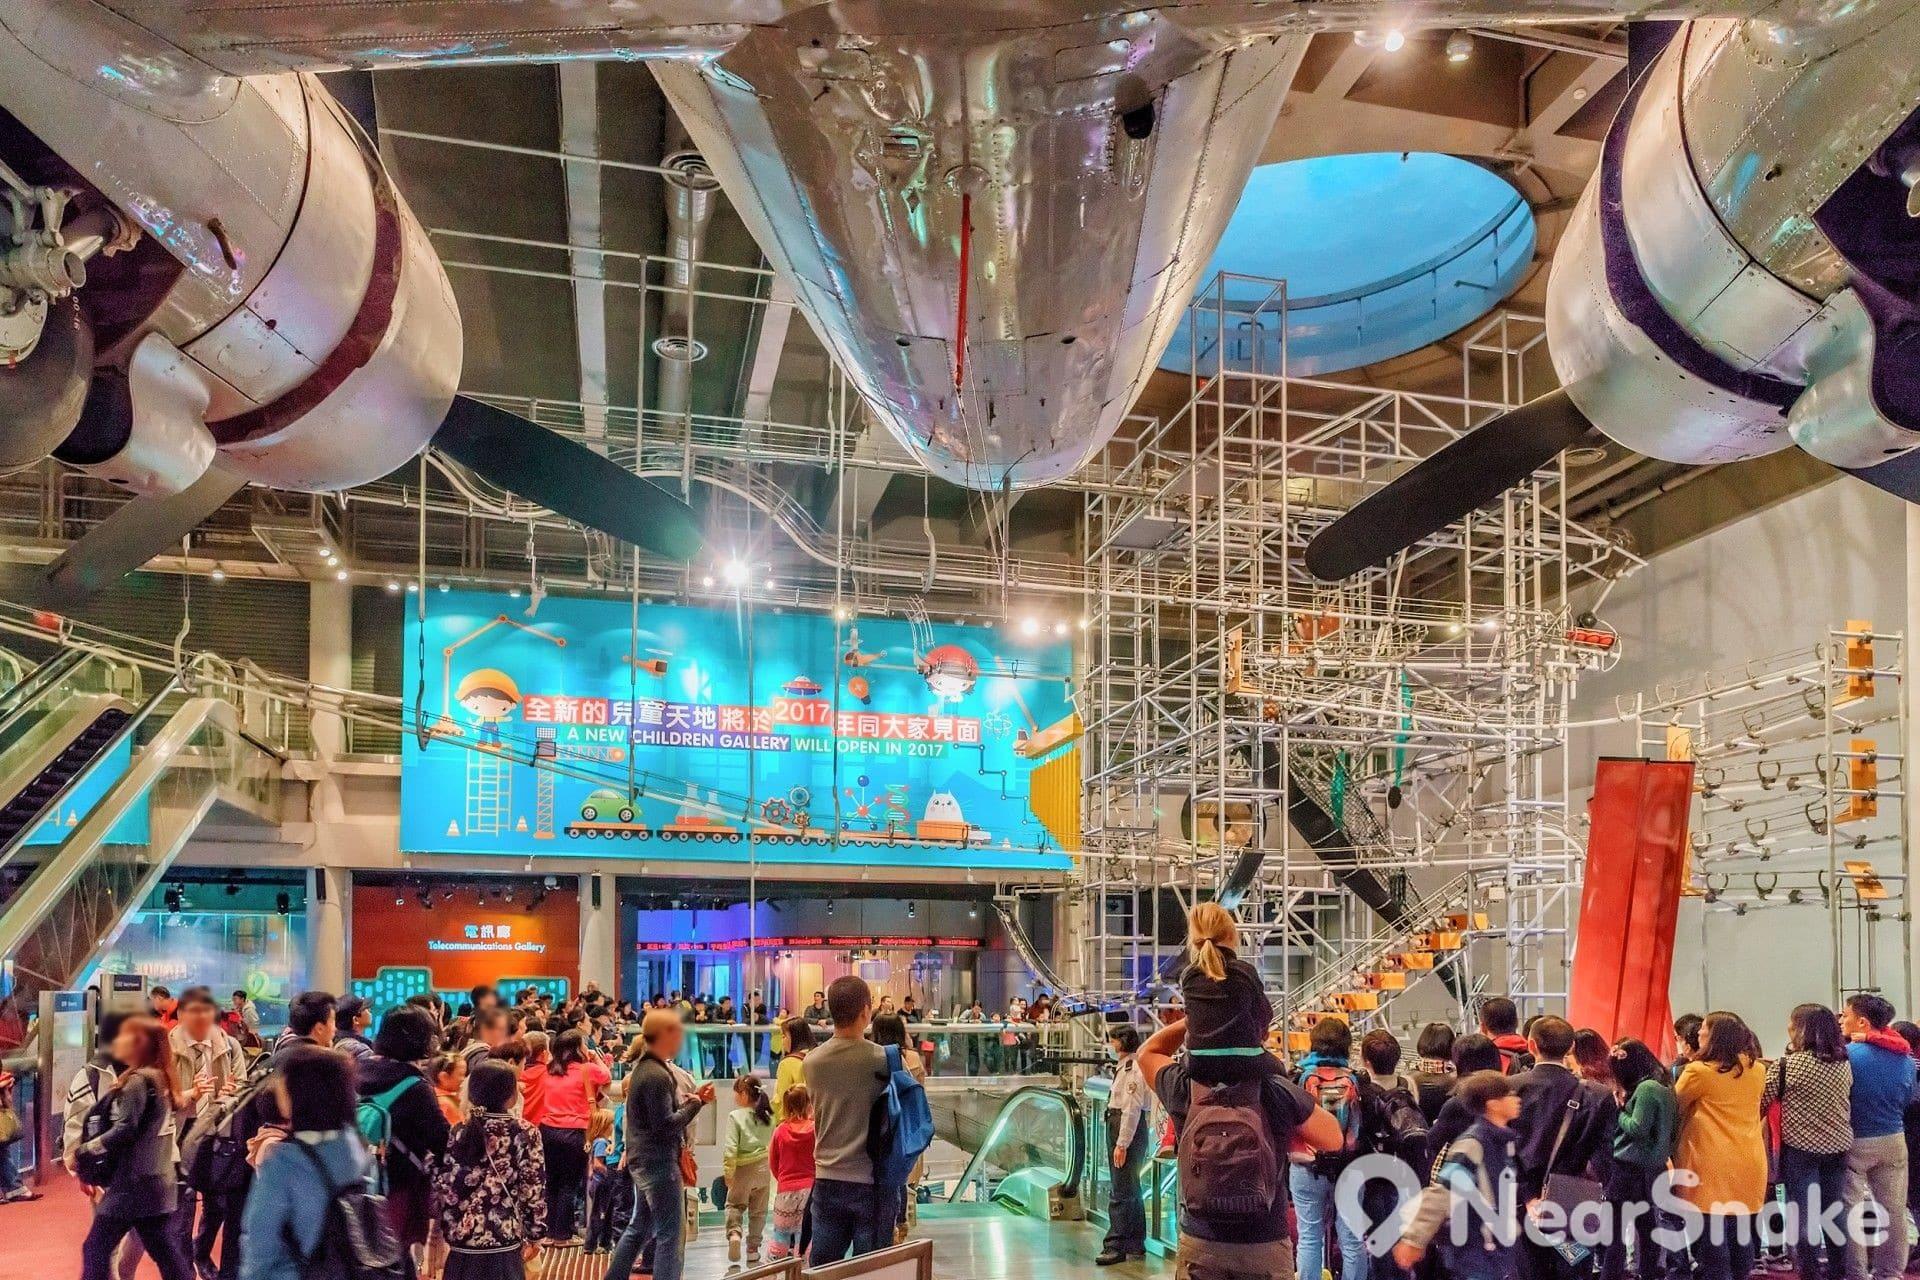 高度達 22 米、接近四層樓高的「能量穿梭機」,每當運作時定必惹來途人圍觀,看著球轉來轉去,連成年人也看得津津有味!